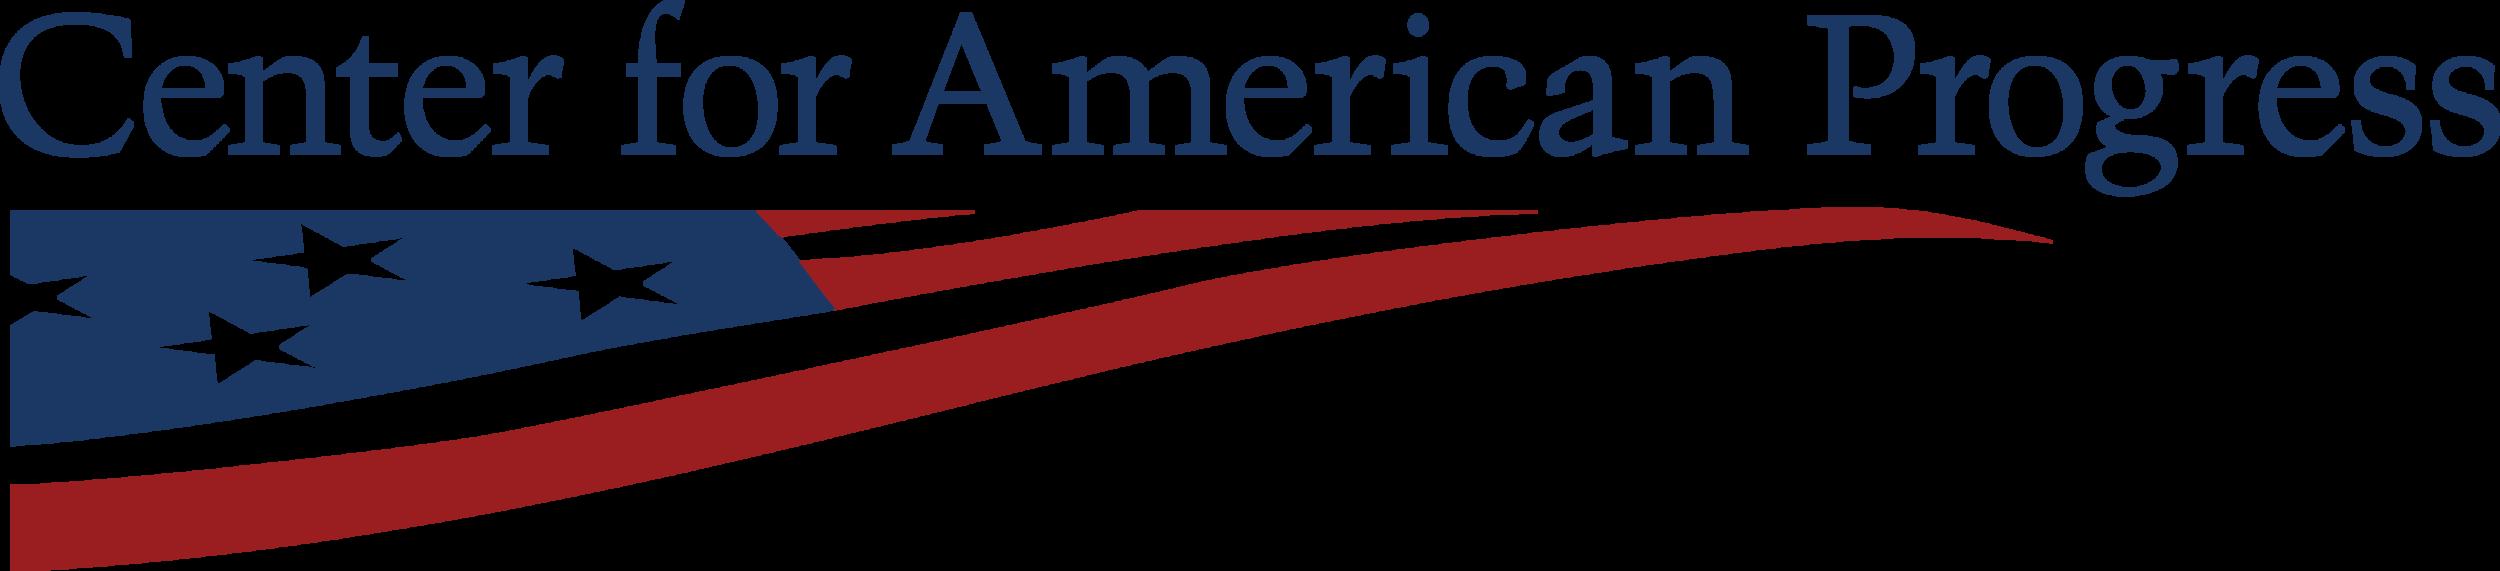 CAP-logo-large.png